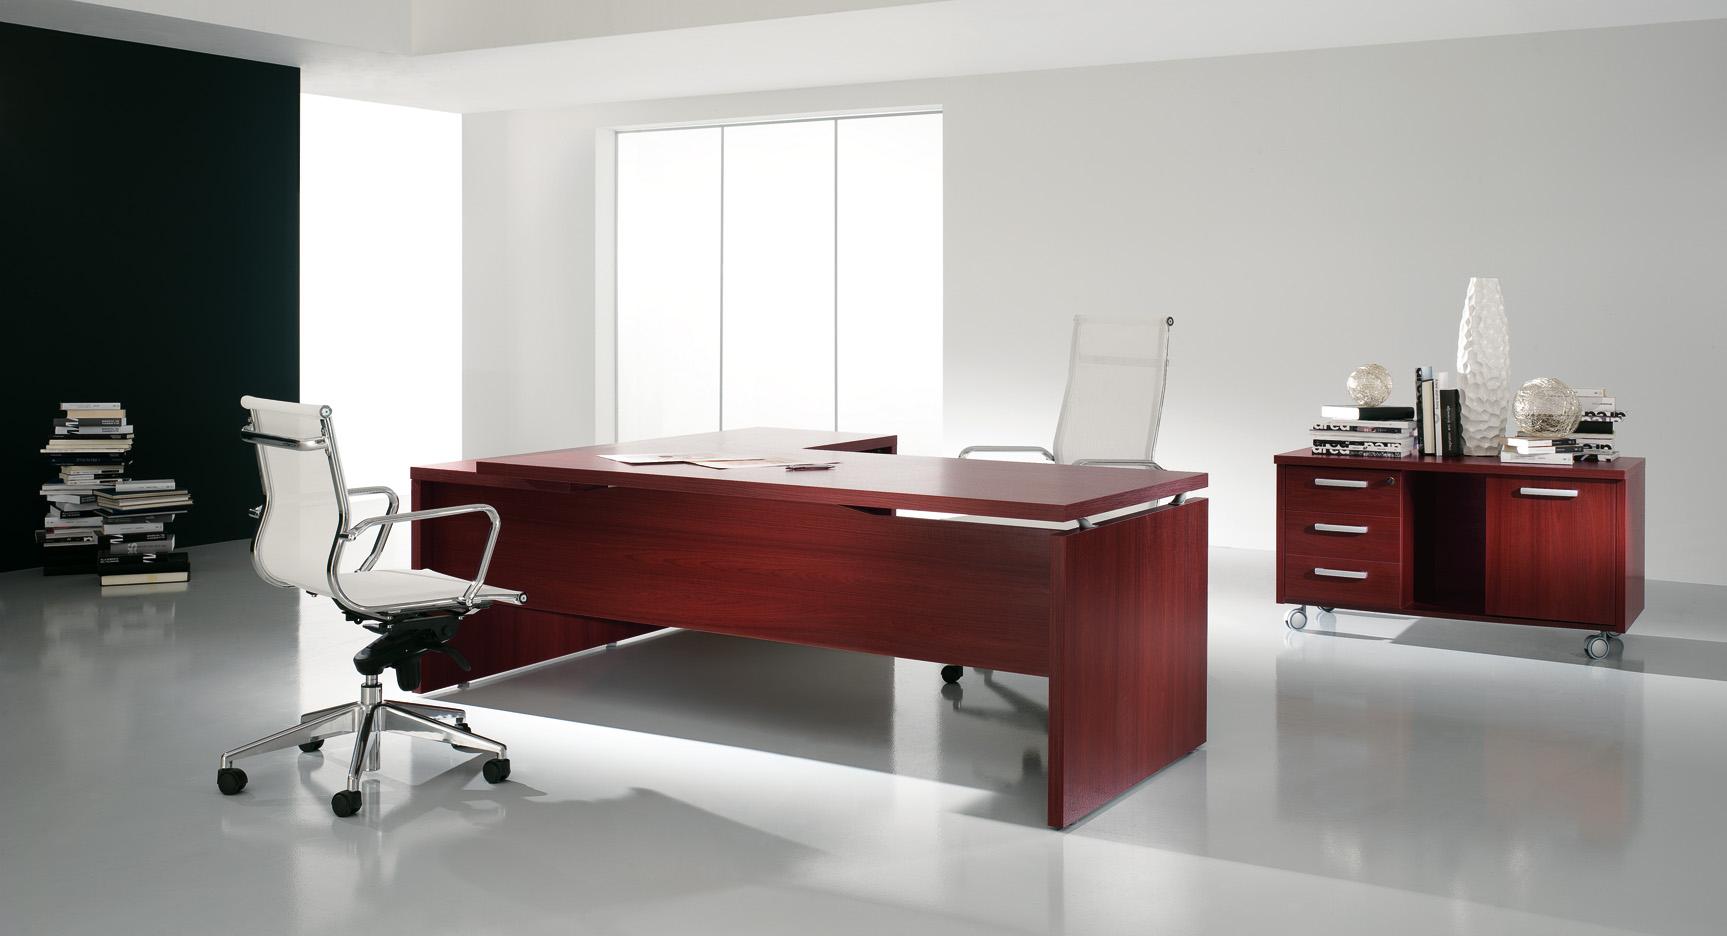 Offerta ufficio direzionale completo 949 00 gimaoffice for Arredo ufficio direzionale offerte